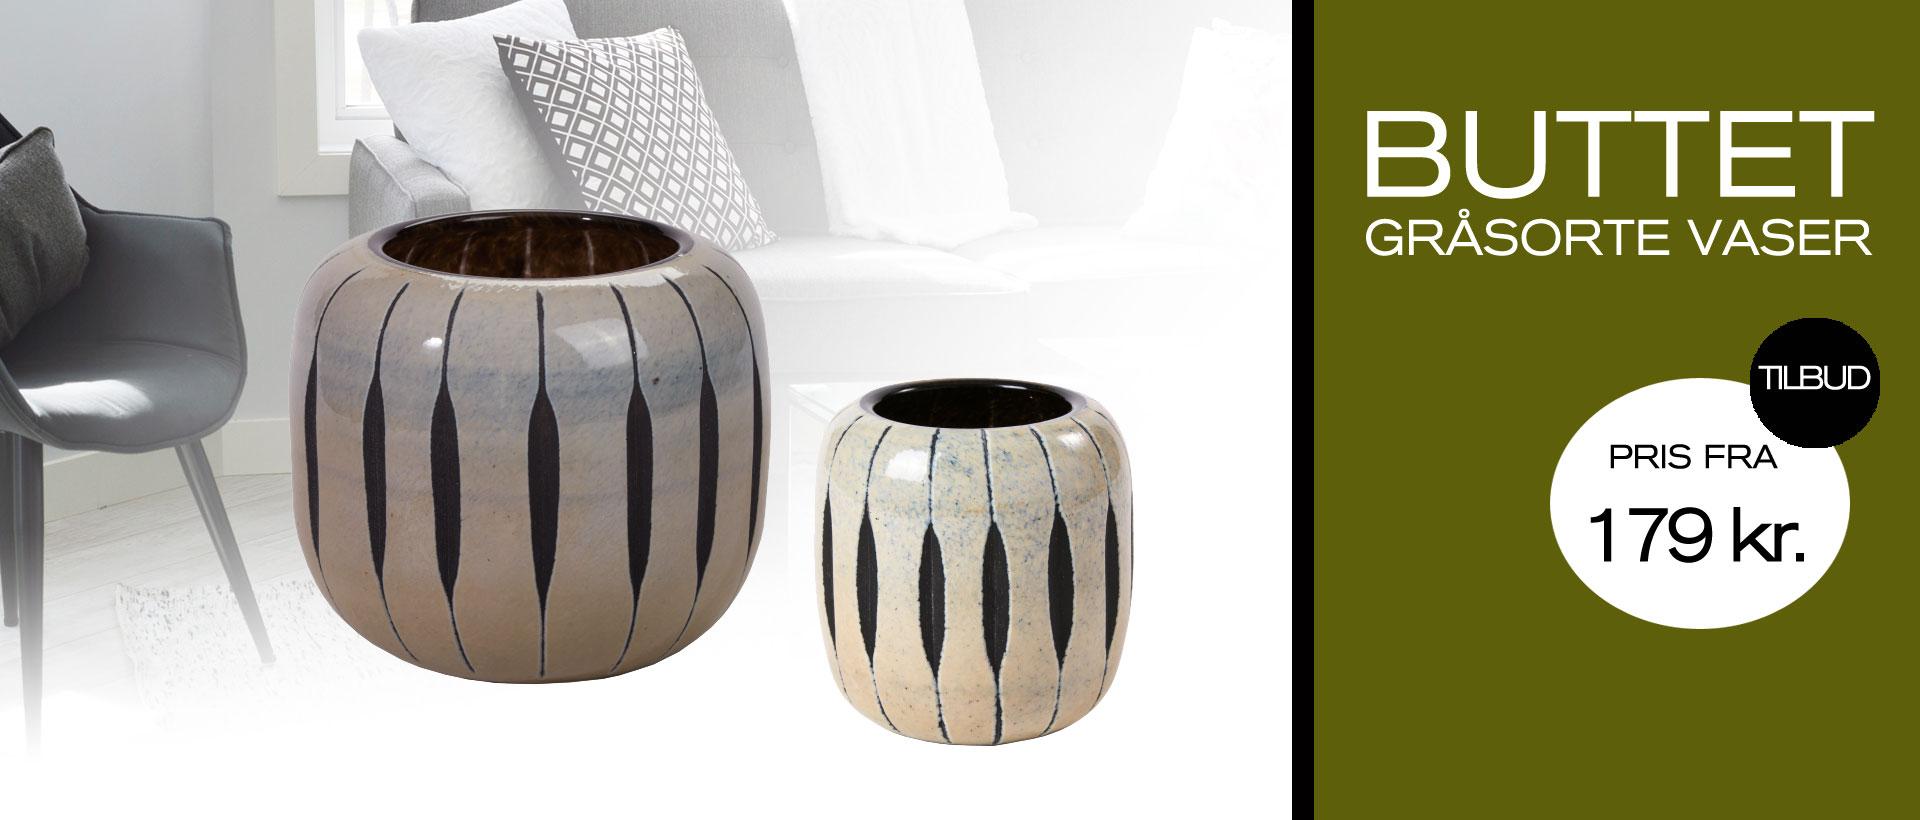 buttet gråsorte vaser fra Boligpynt på tilbud